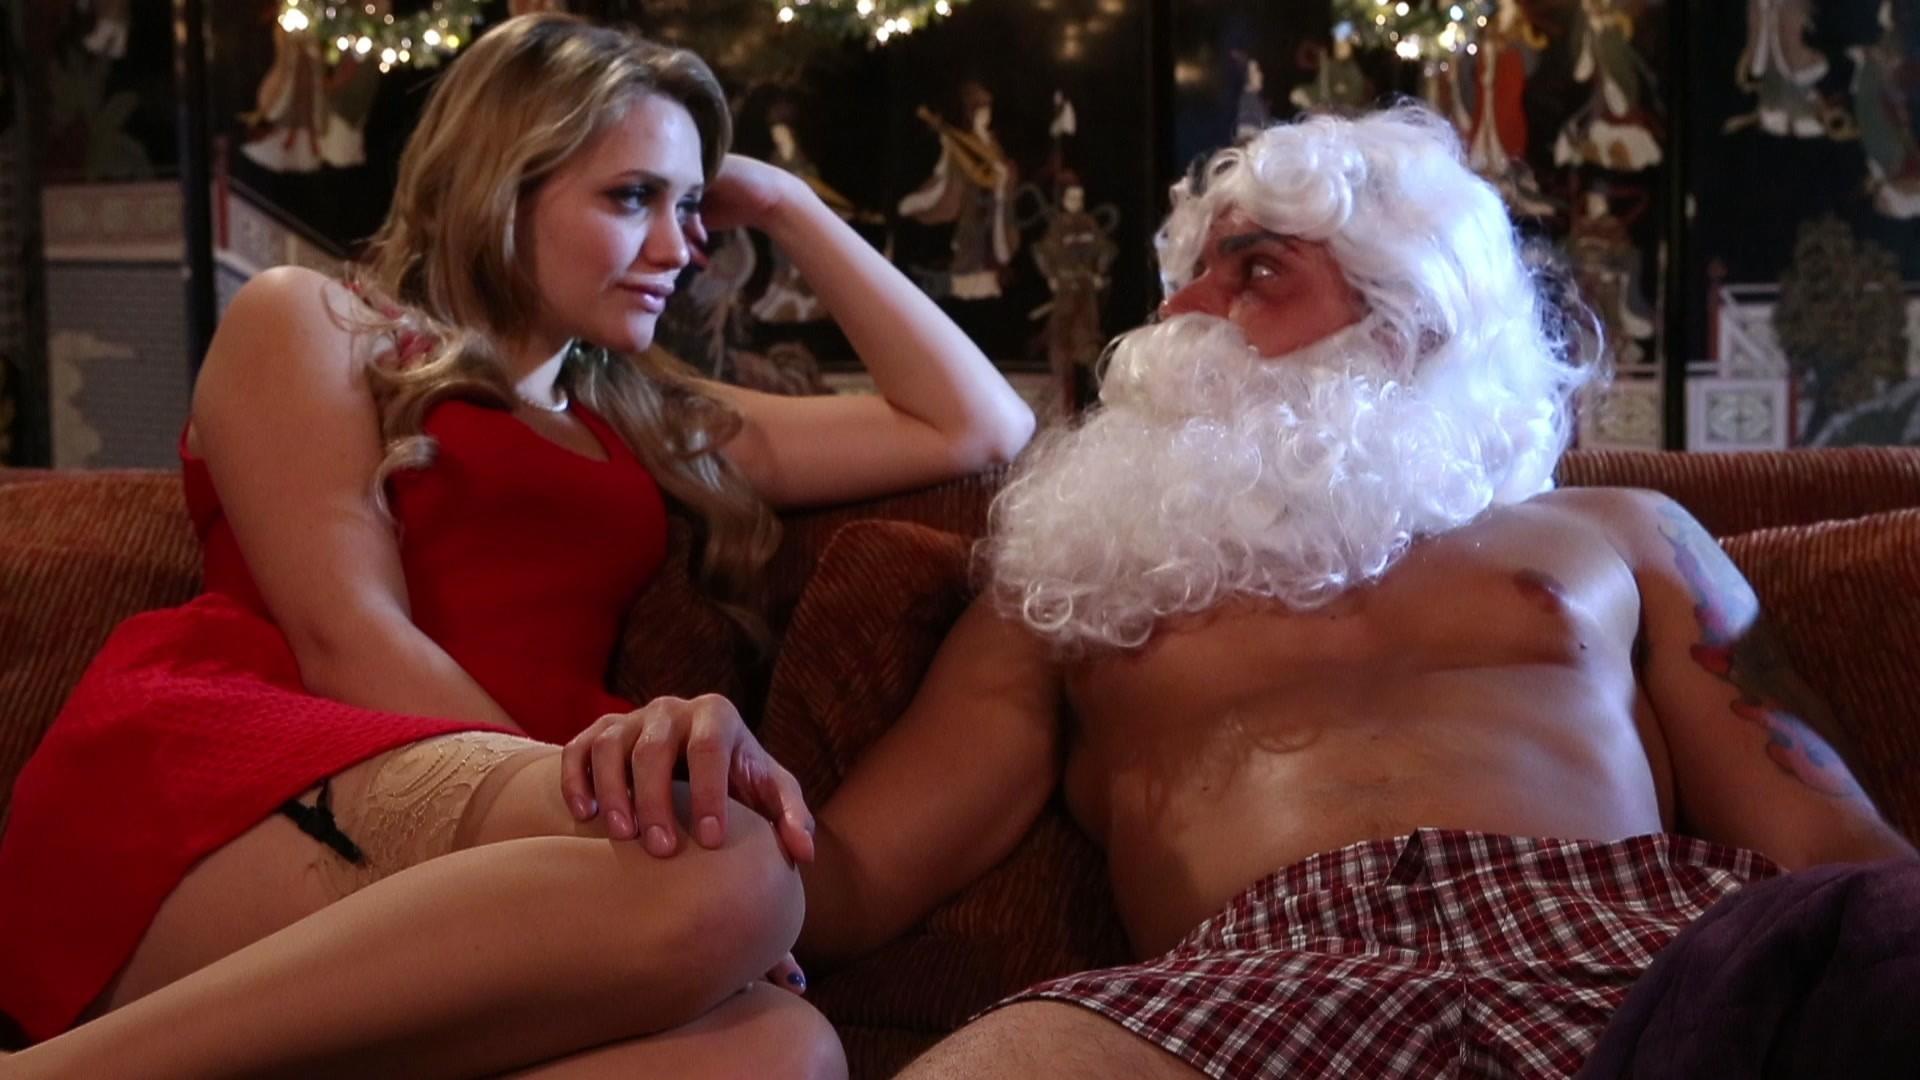 Fuck You Santa Claus